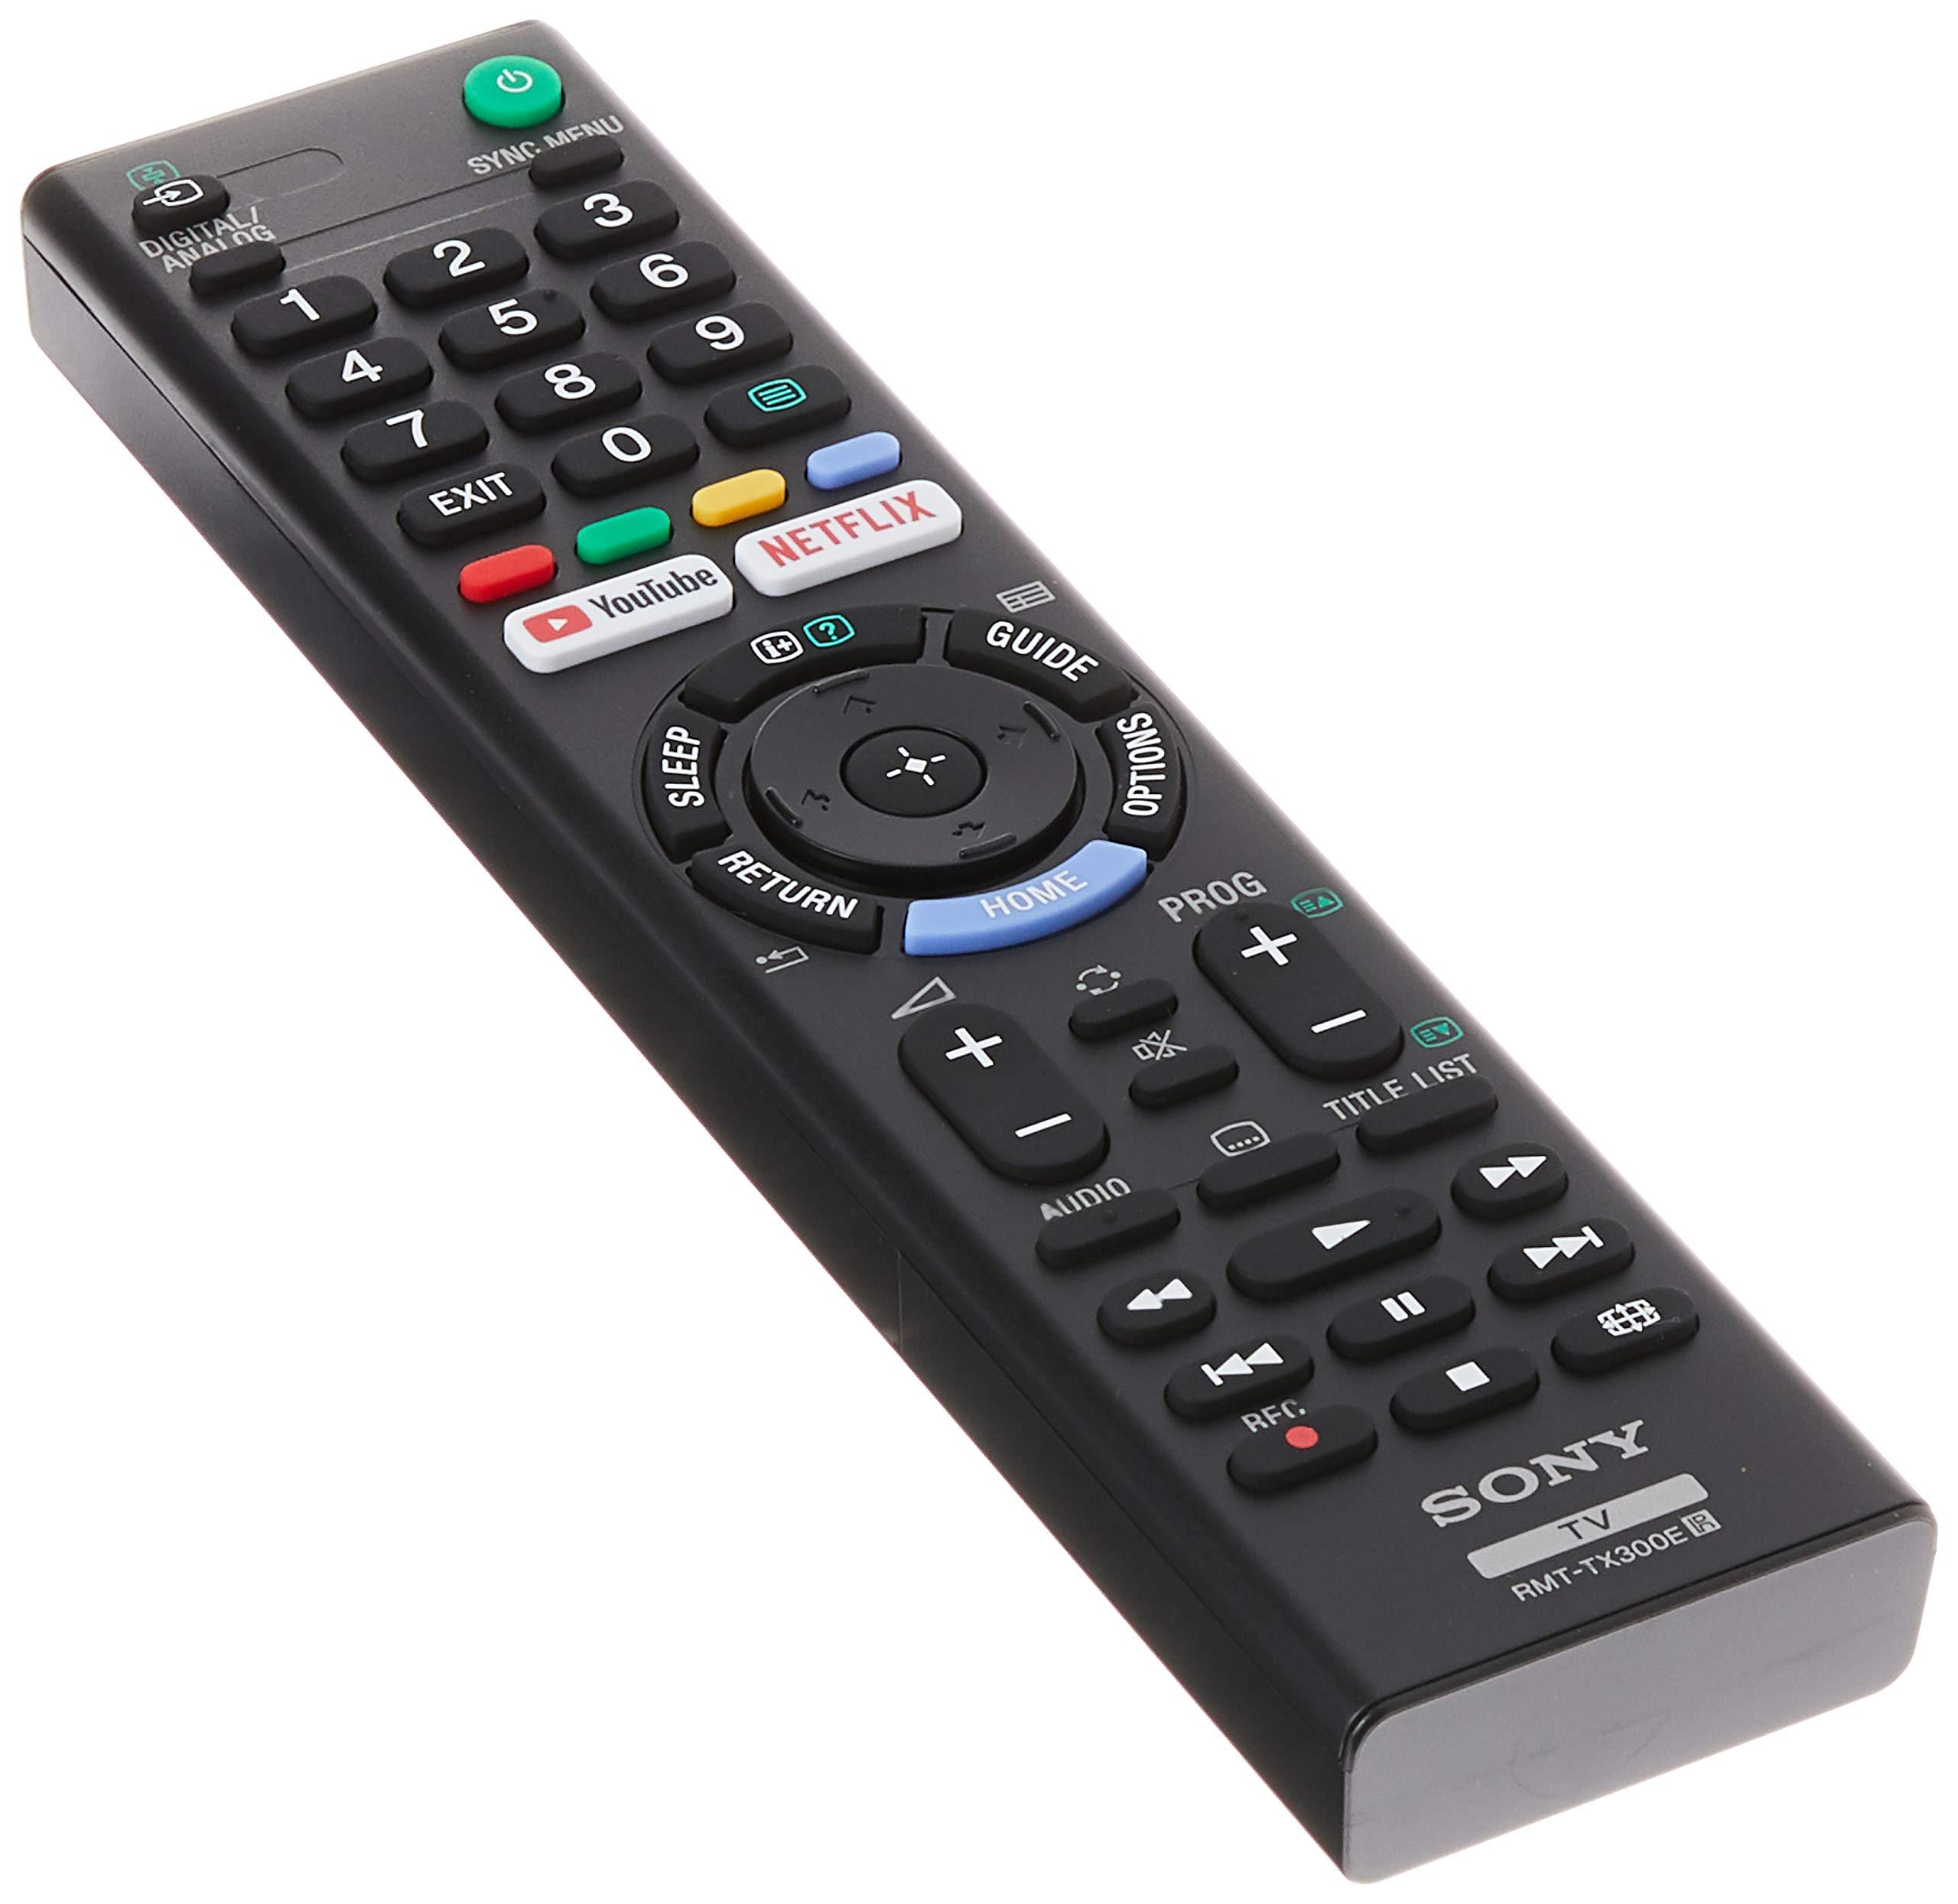 Sony RMT-TX300E / RMTTX300E Mando a distancia original para television Sony: Amazon.es: Electrónica